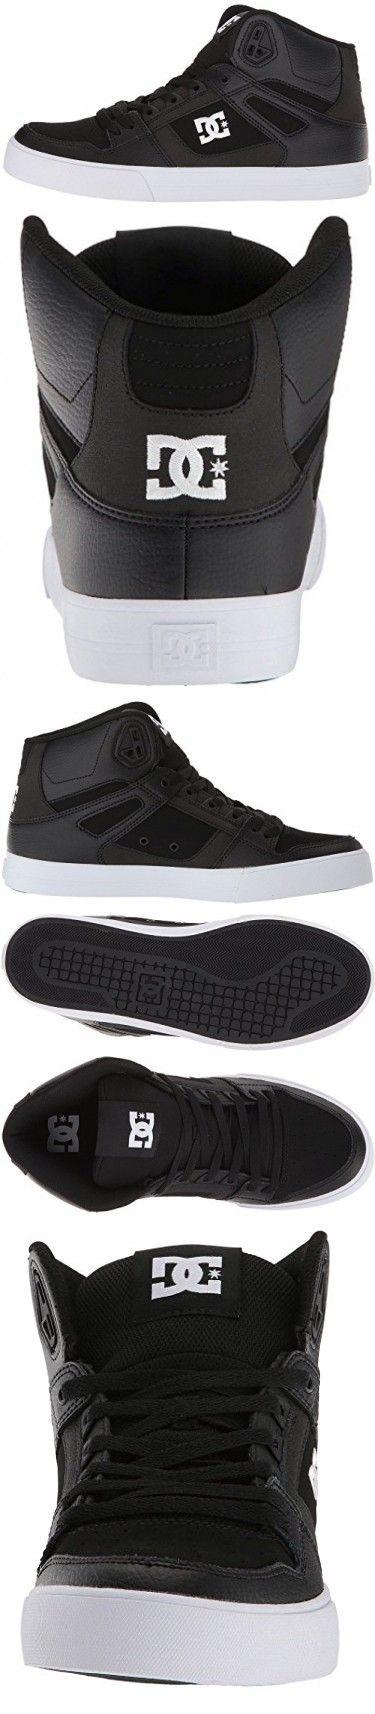 DC Shoes Pure Shoes for Men Chaussures de Skateboard Mixte Adulte